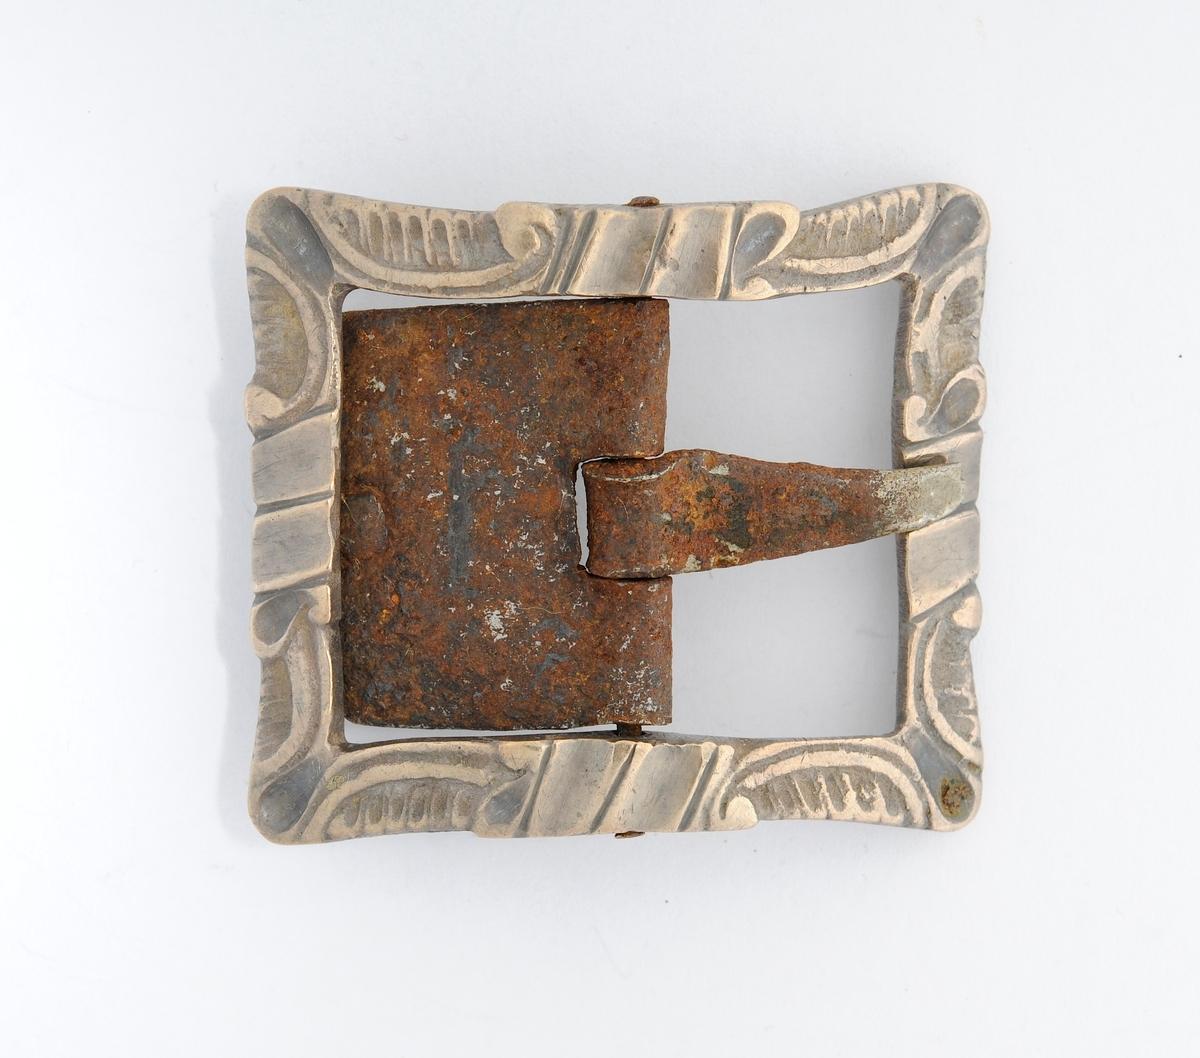 Spenne støypt i messing. Rektangulær form. Stolpe, kalv og tann i smidd jern.